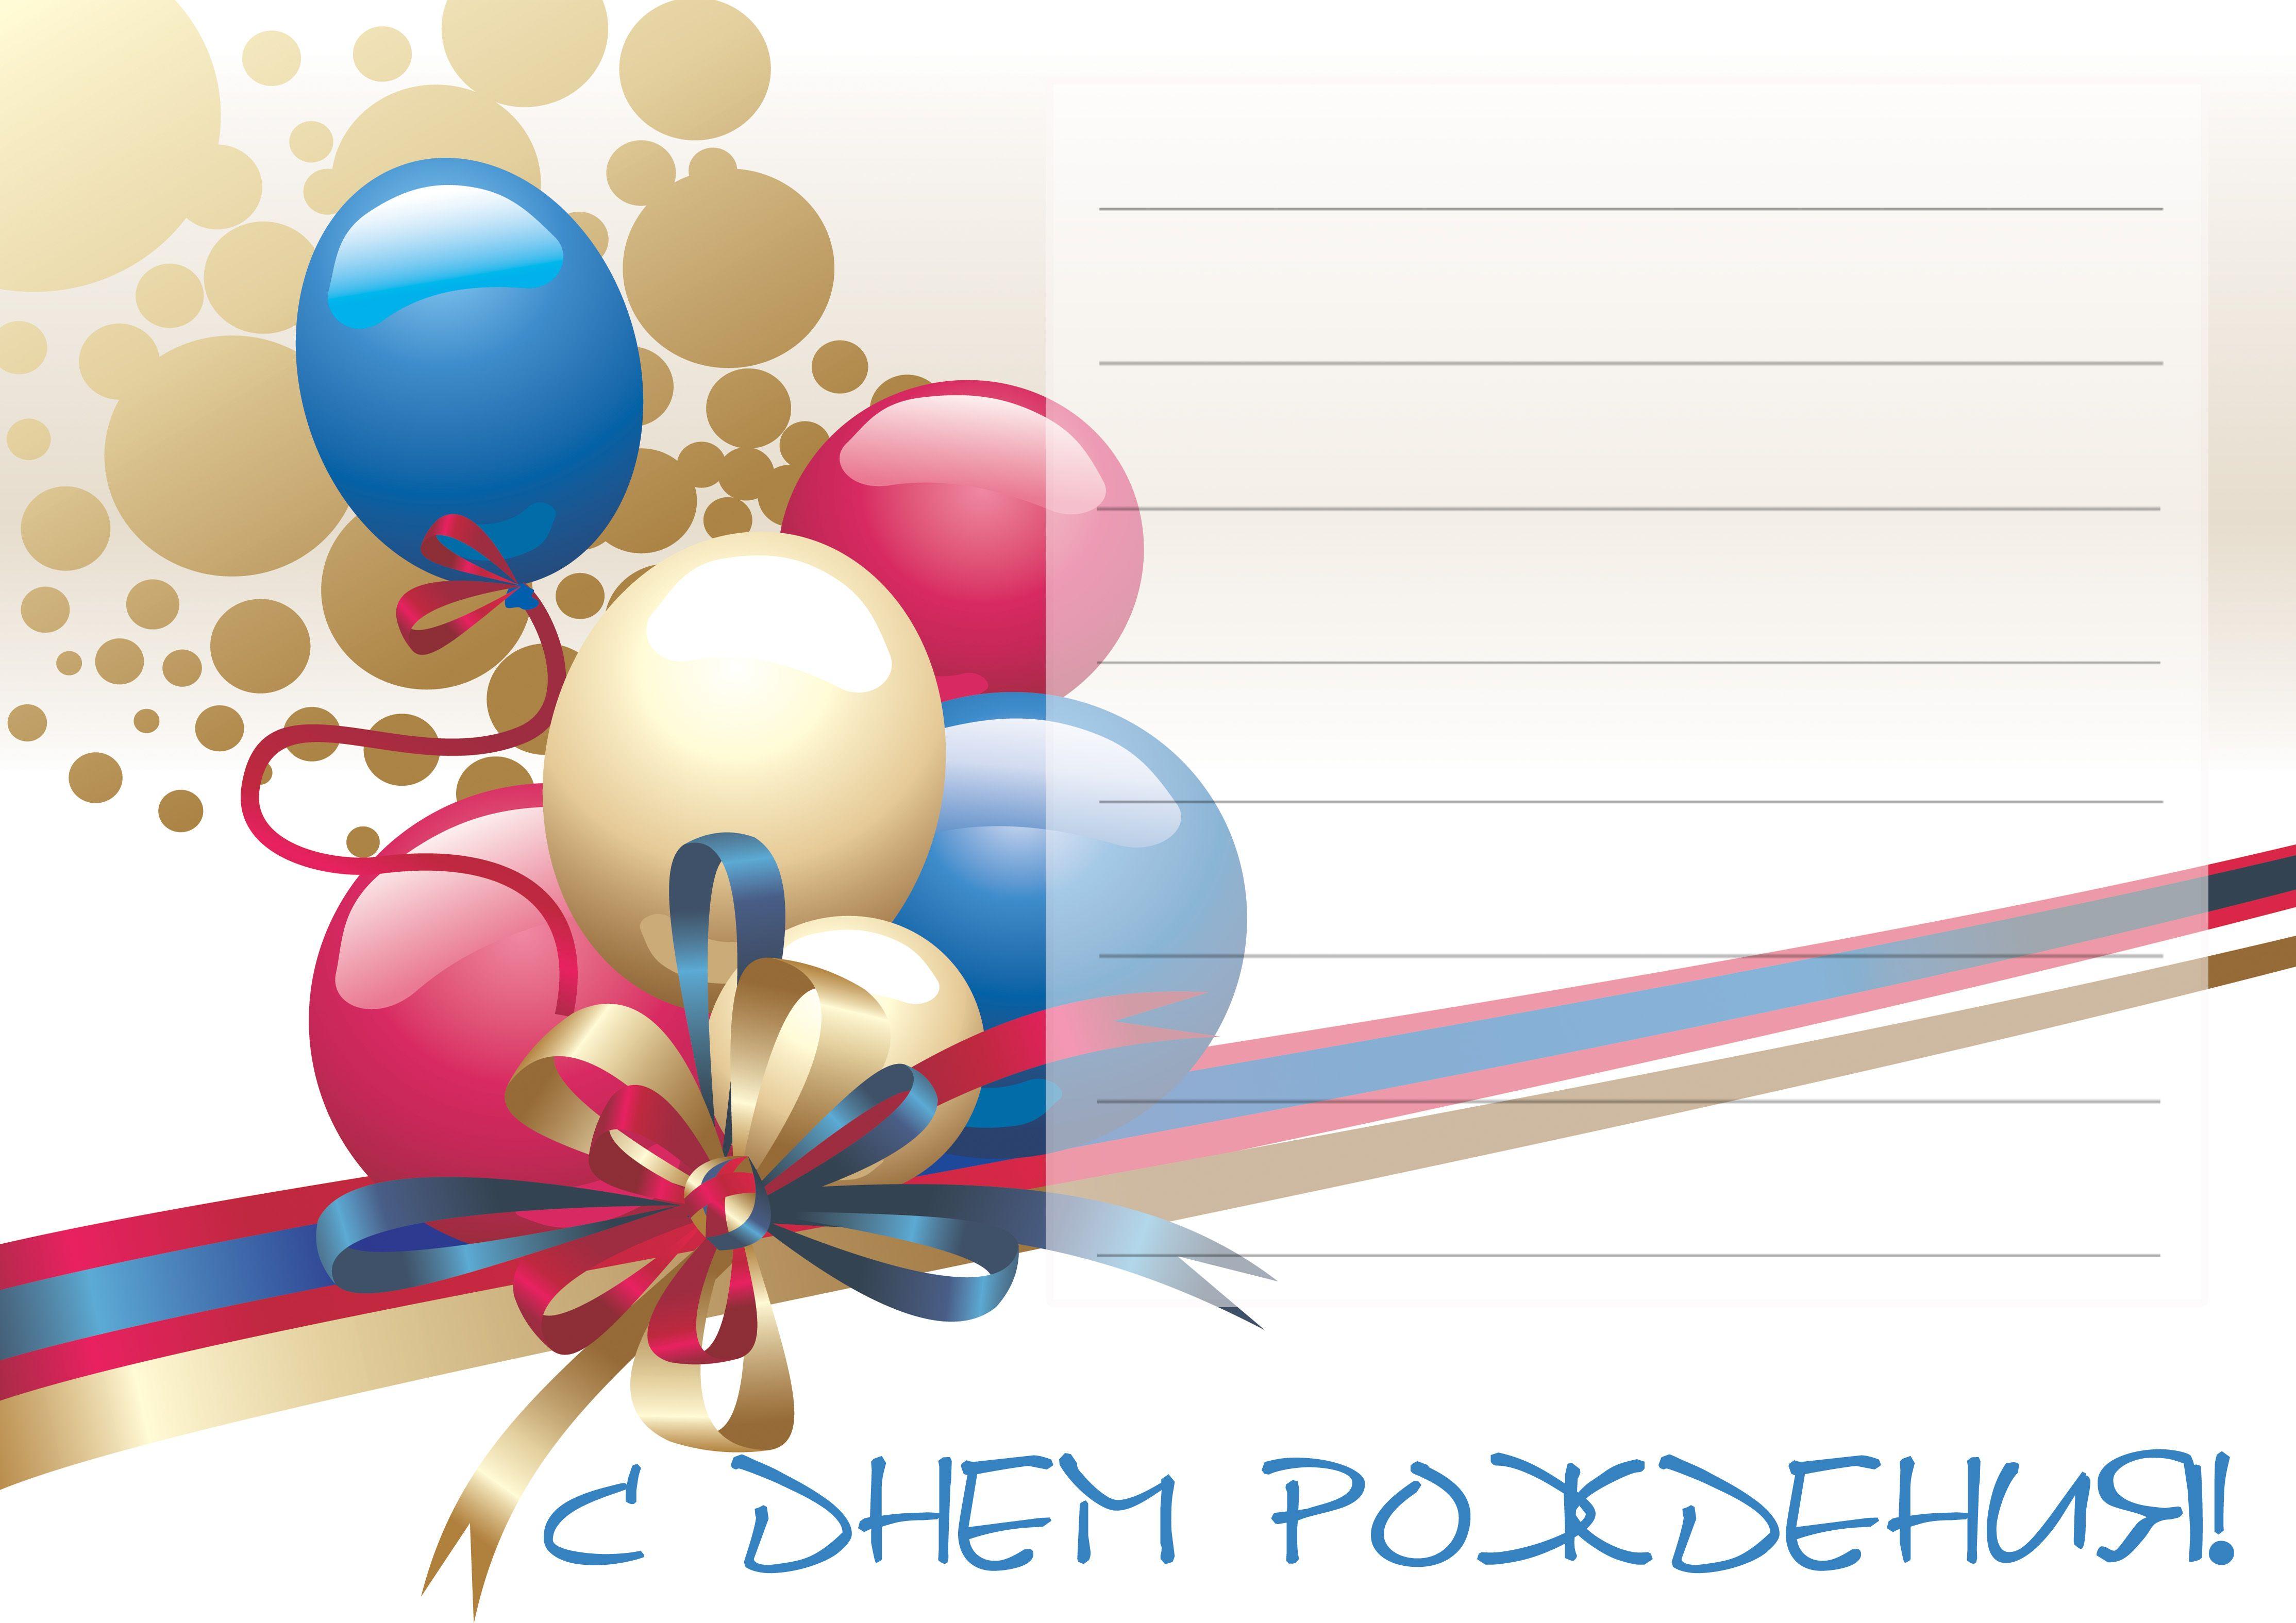 Макет открытки поздравления с днем рождения, младенцем